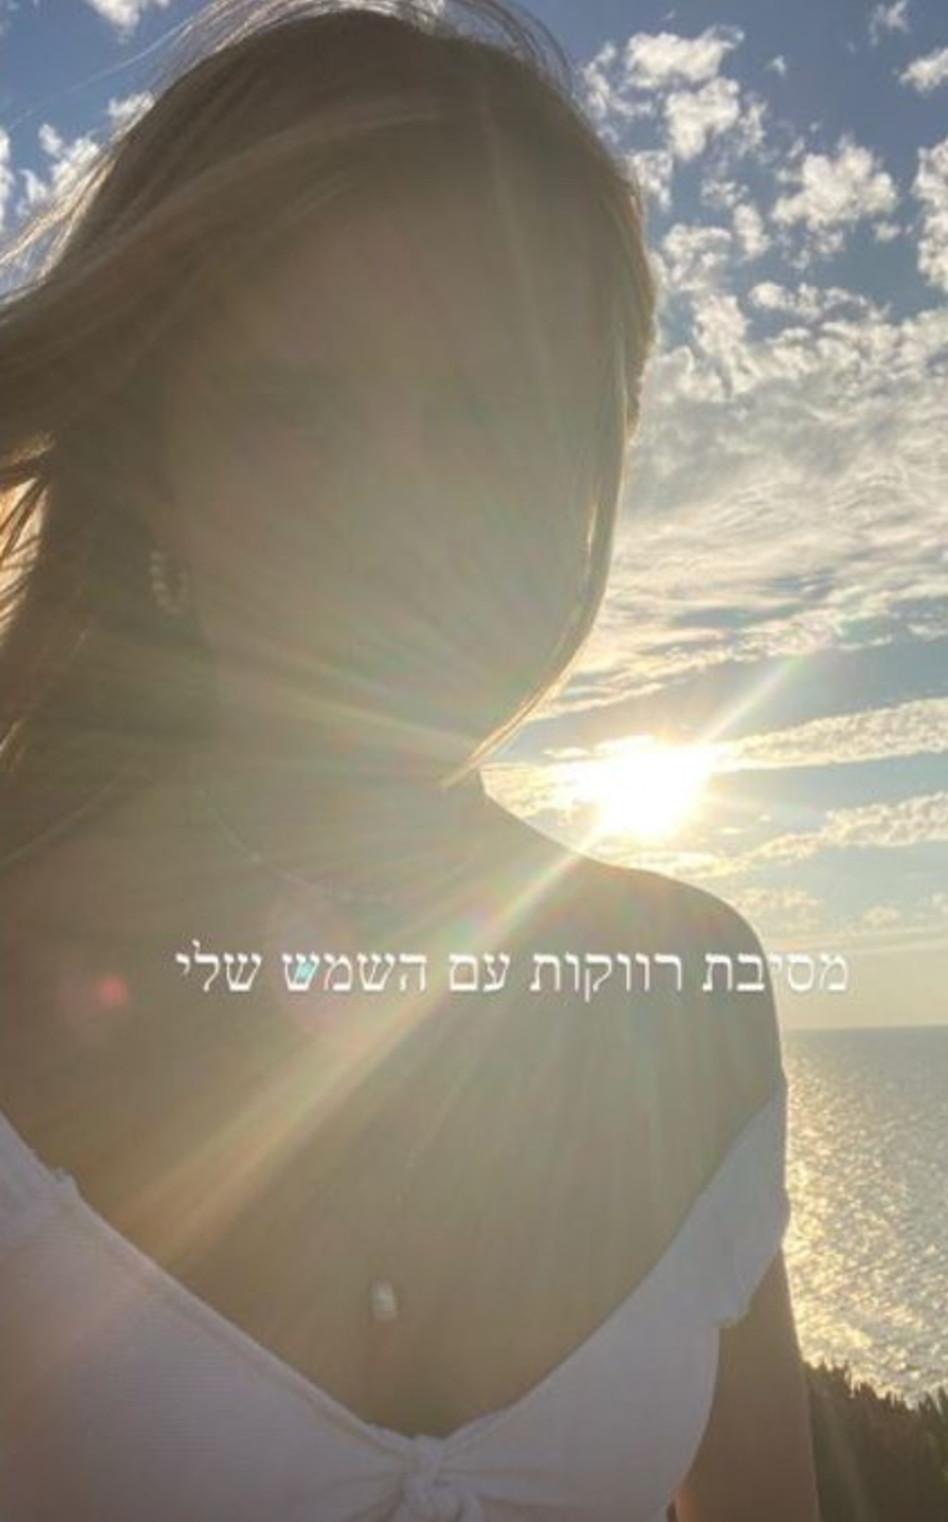 אלינה לוי לבדה בים (צילום: צילום מסך אינסטגרם)